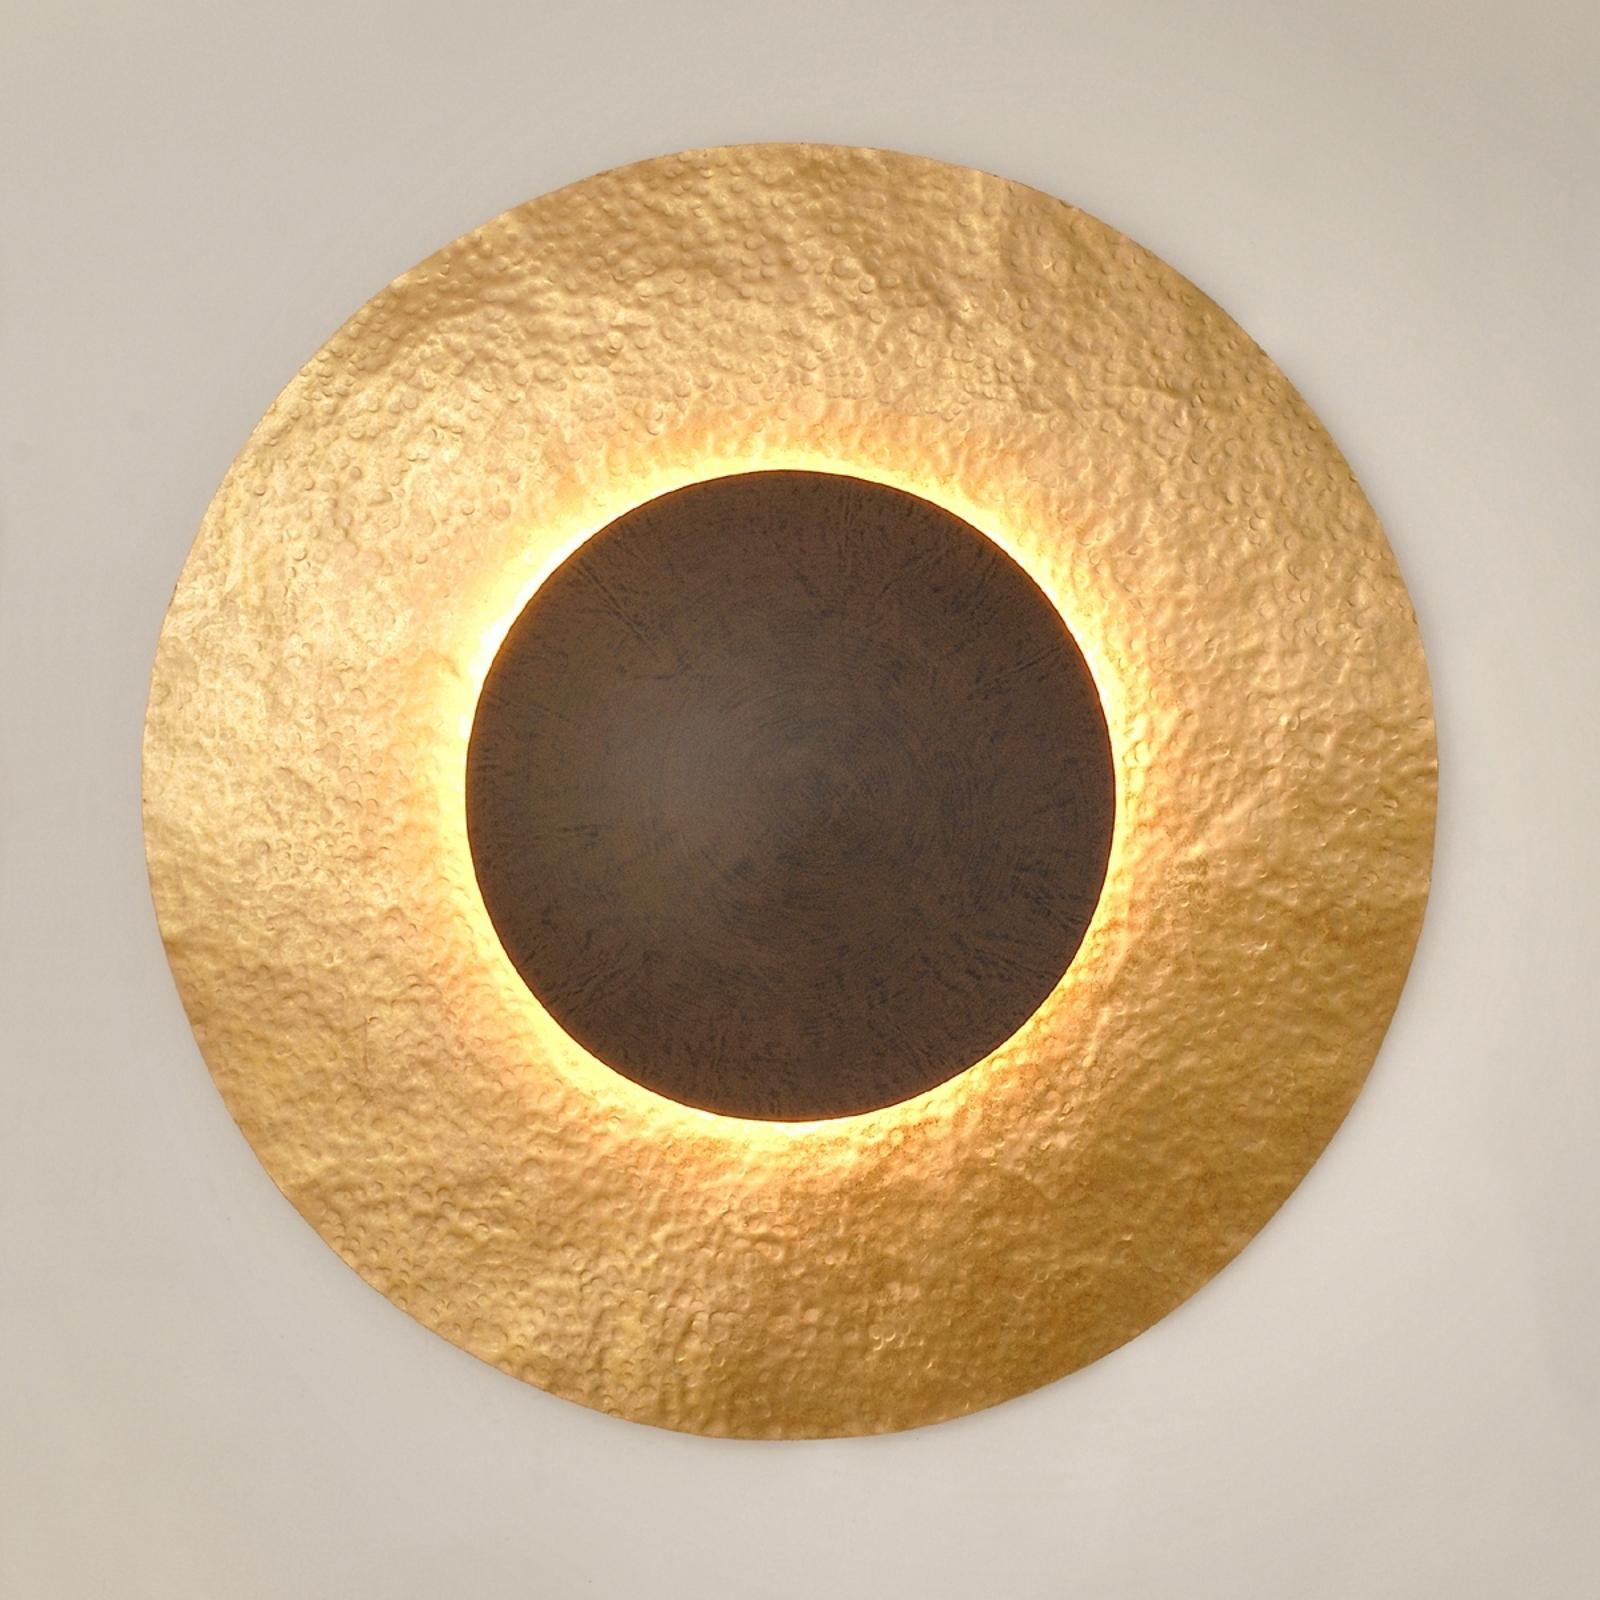 Wandleuchte Satellite 2 in Gold-Braun, Ø 91 cm